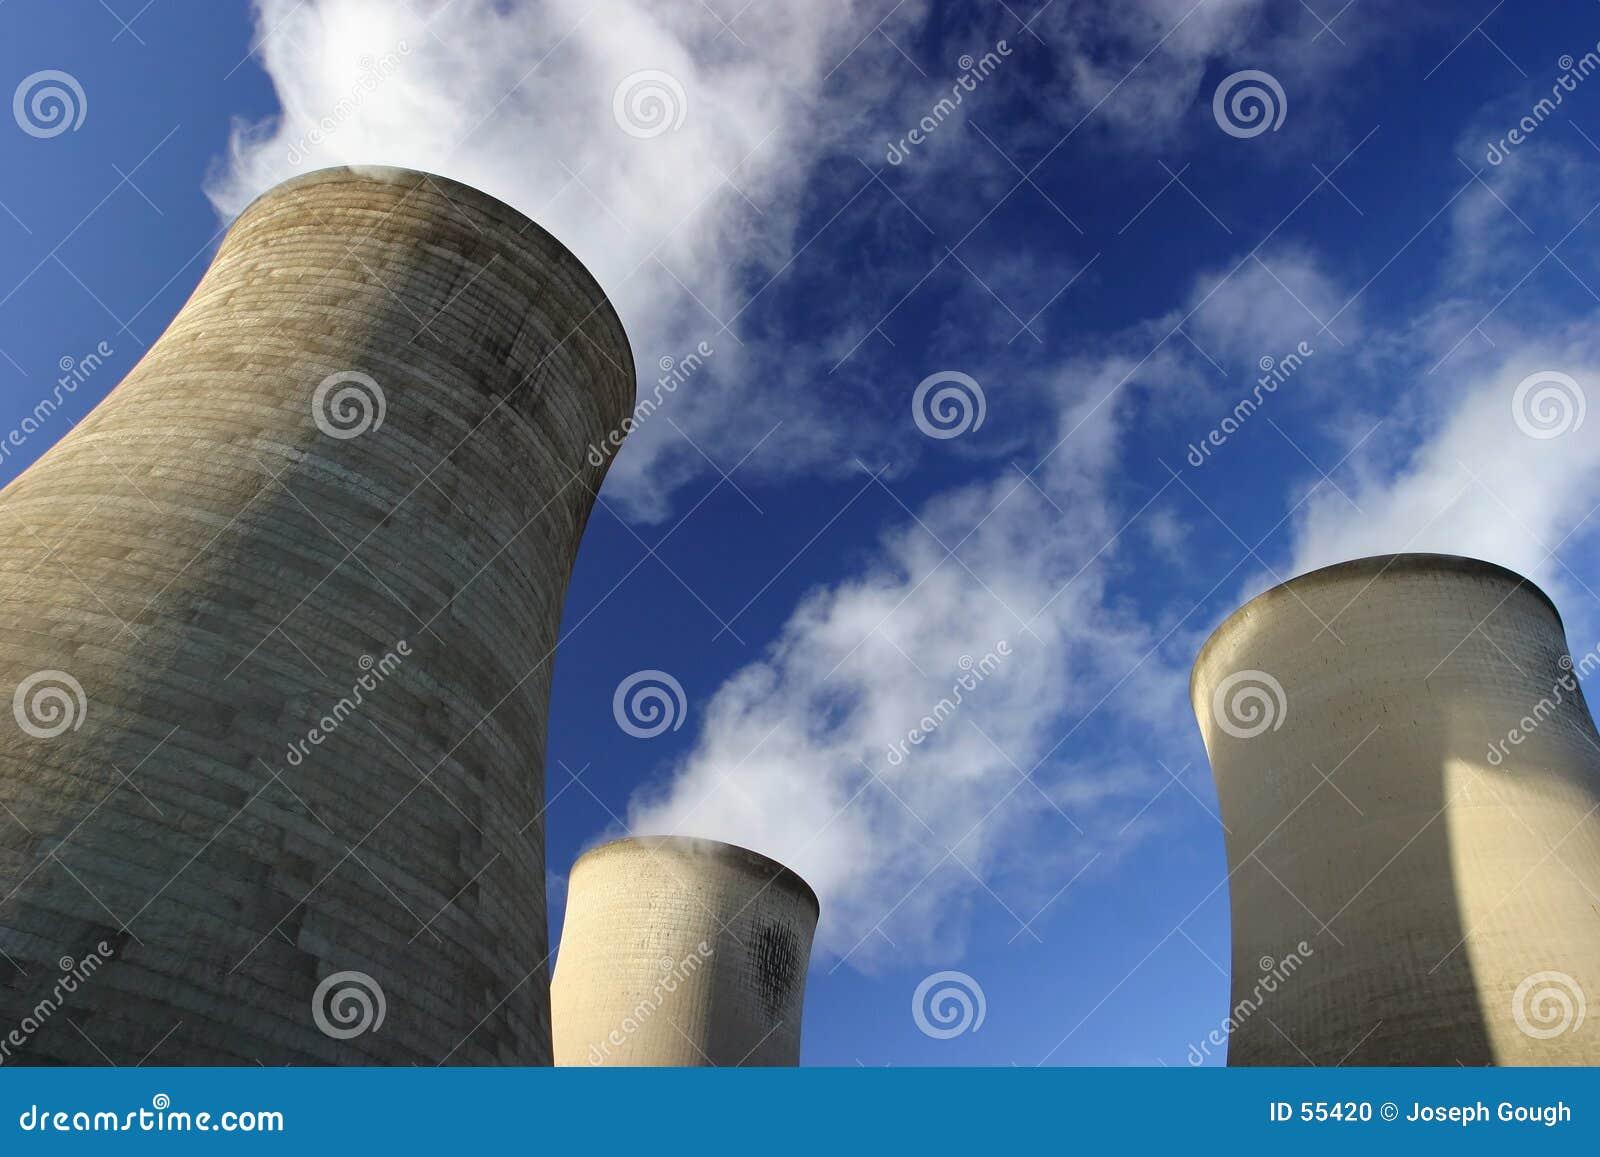 Download Tours de refroidissement photo stock. Image du pouvoir, pylône - 55420